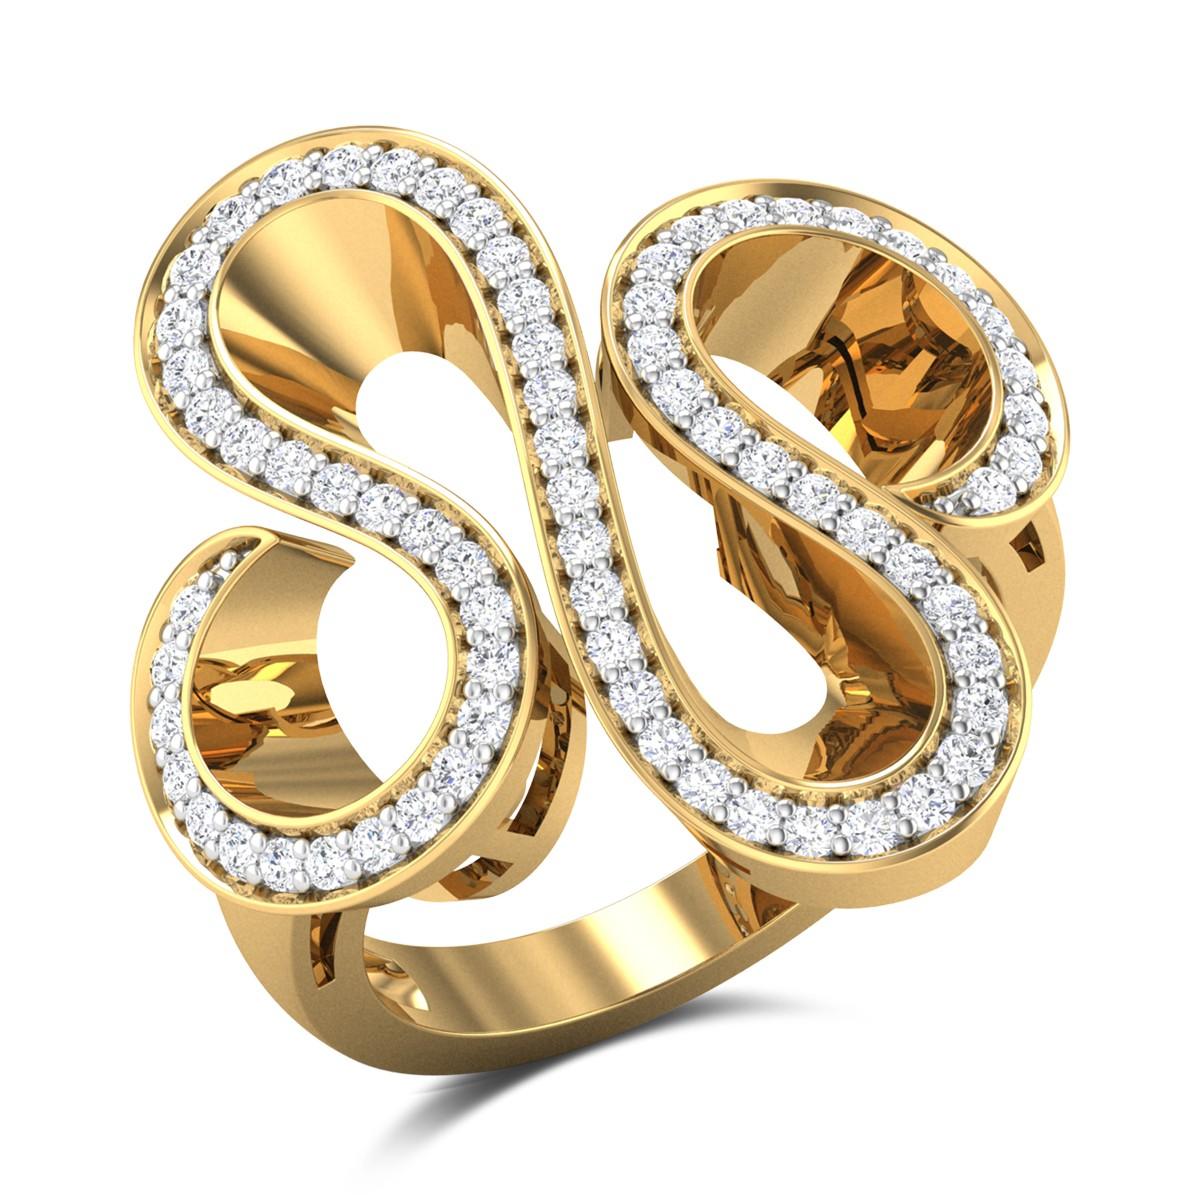 Abichail Diamond Ring